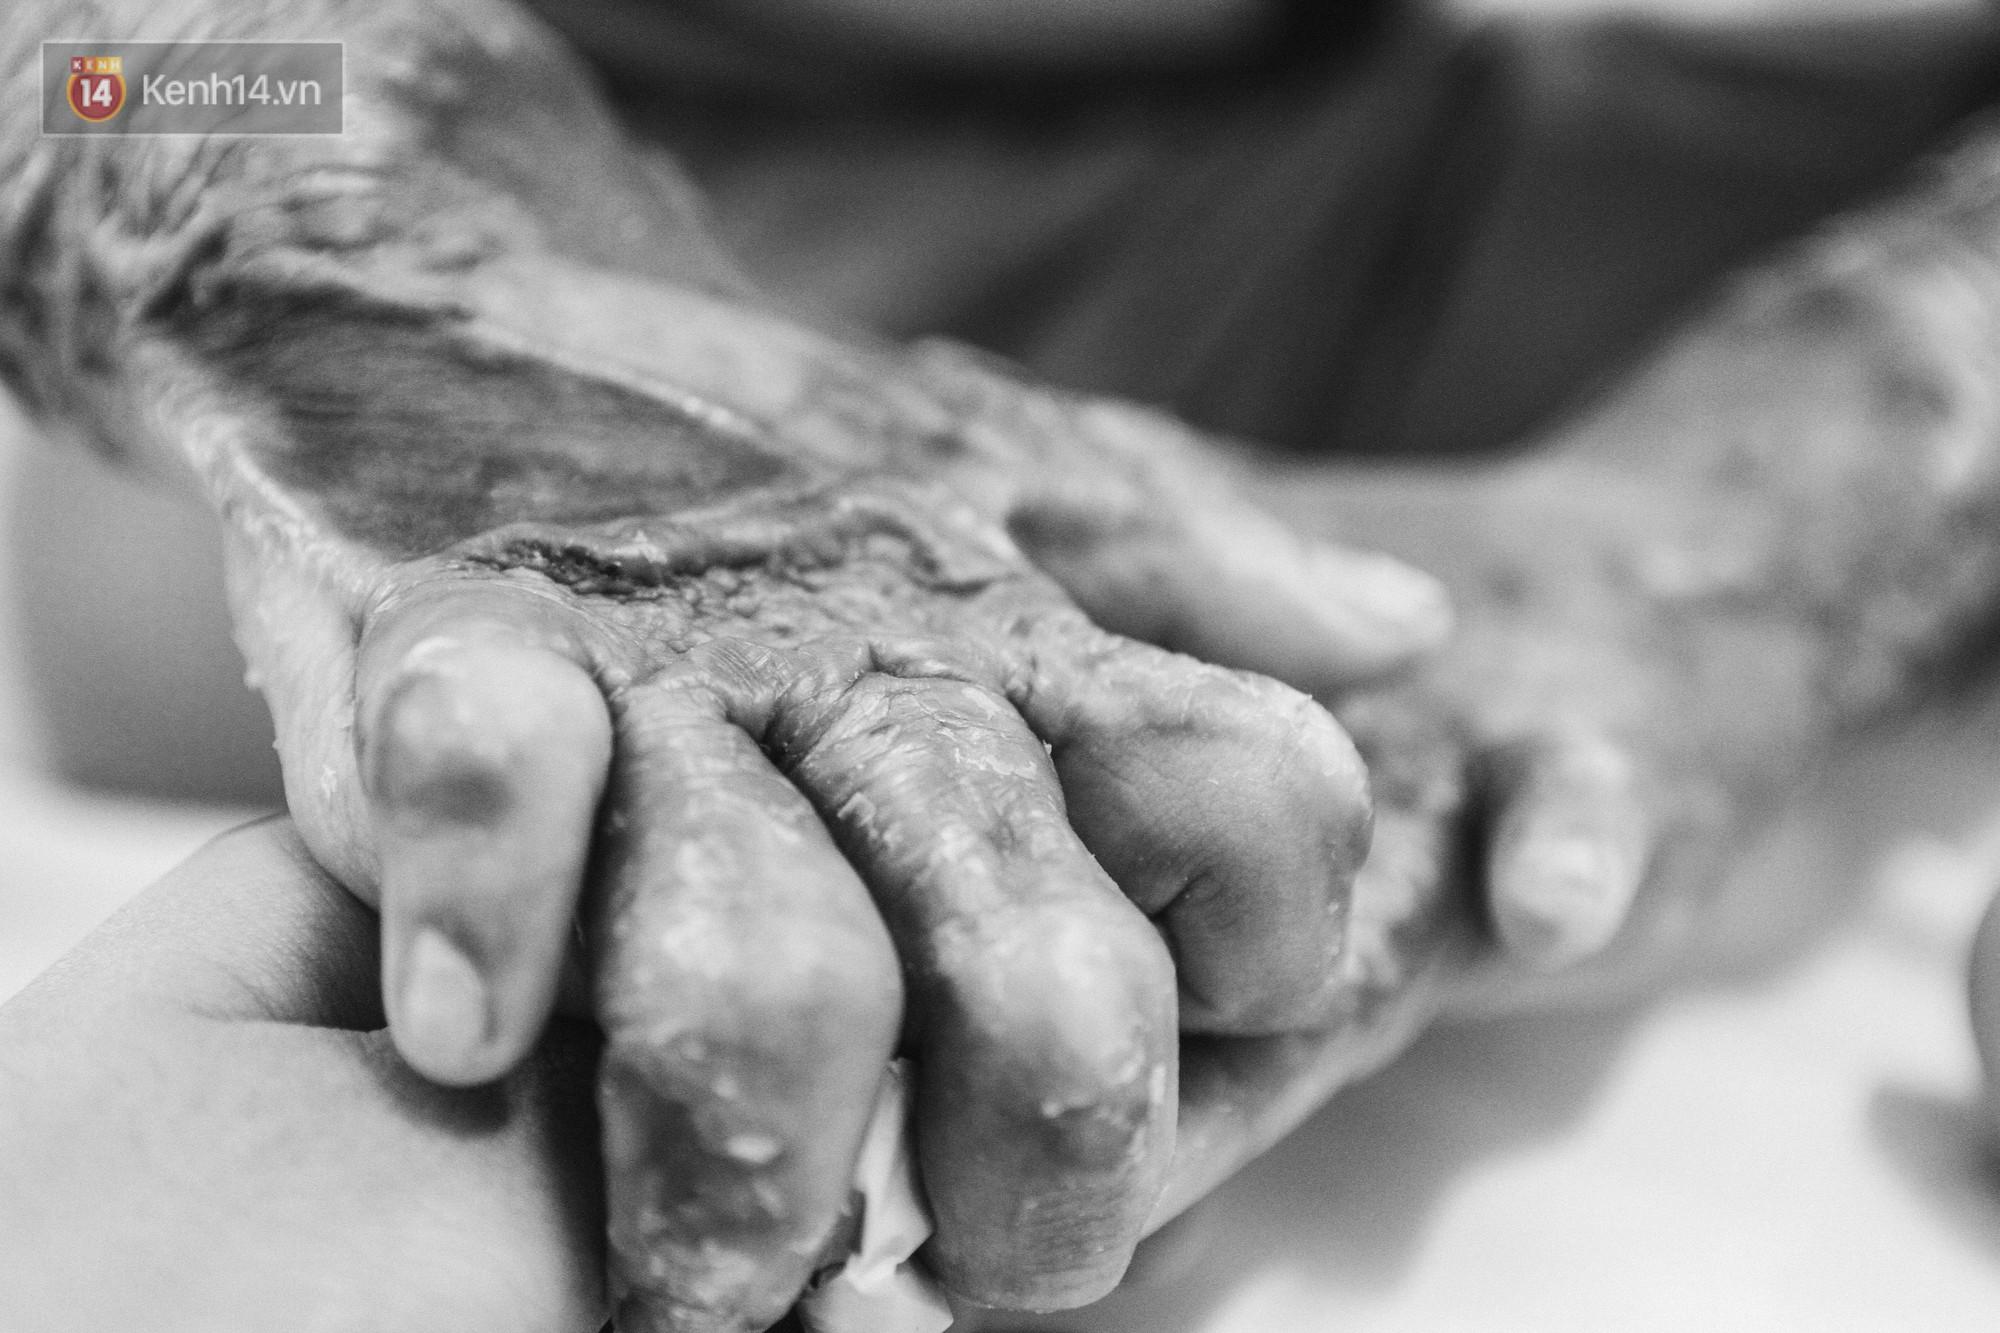 Xót xa những vết bỏng đau đớn trên người bé trai 6 tuổi: Ngày con phải cưa chân là ngày bạn bè vào lớp 1 3